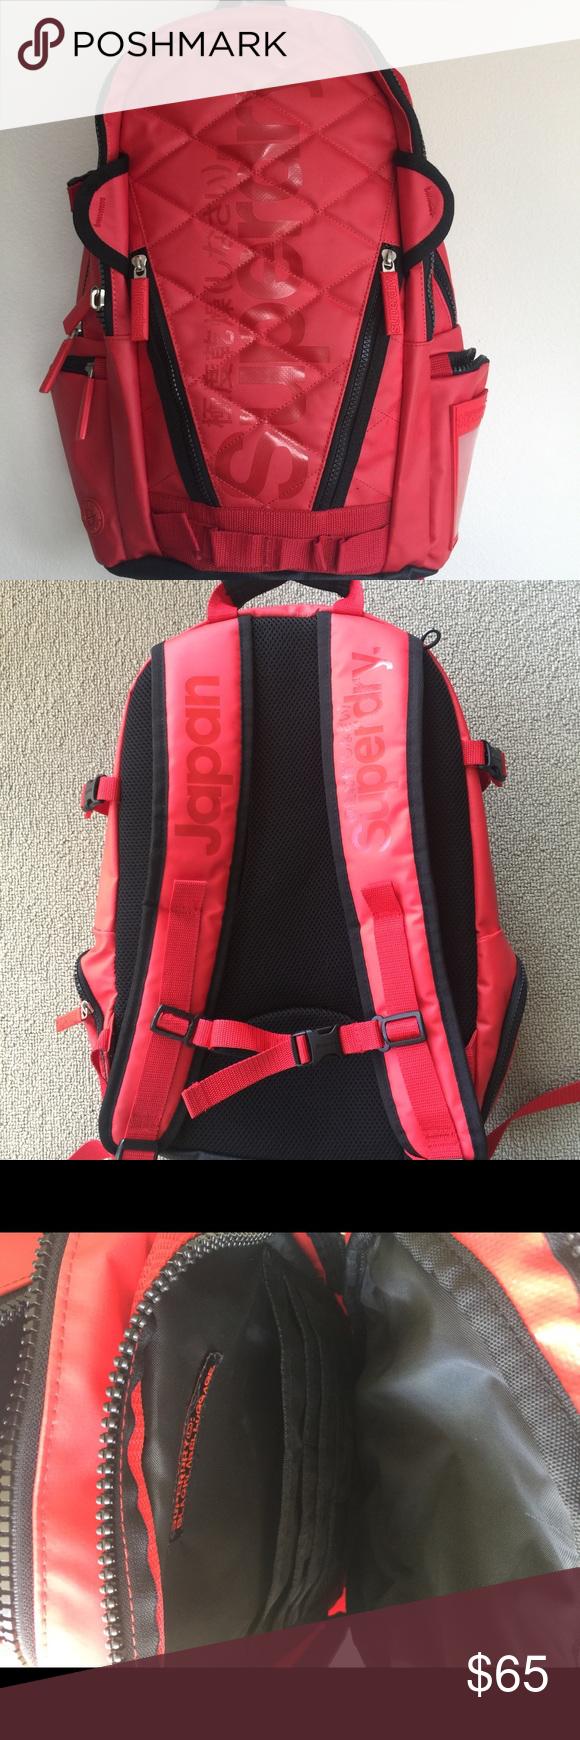 SuperDry waterproof bagpack Waterproof; Japan imported; in